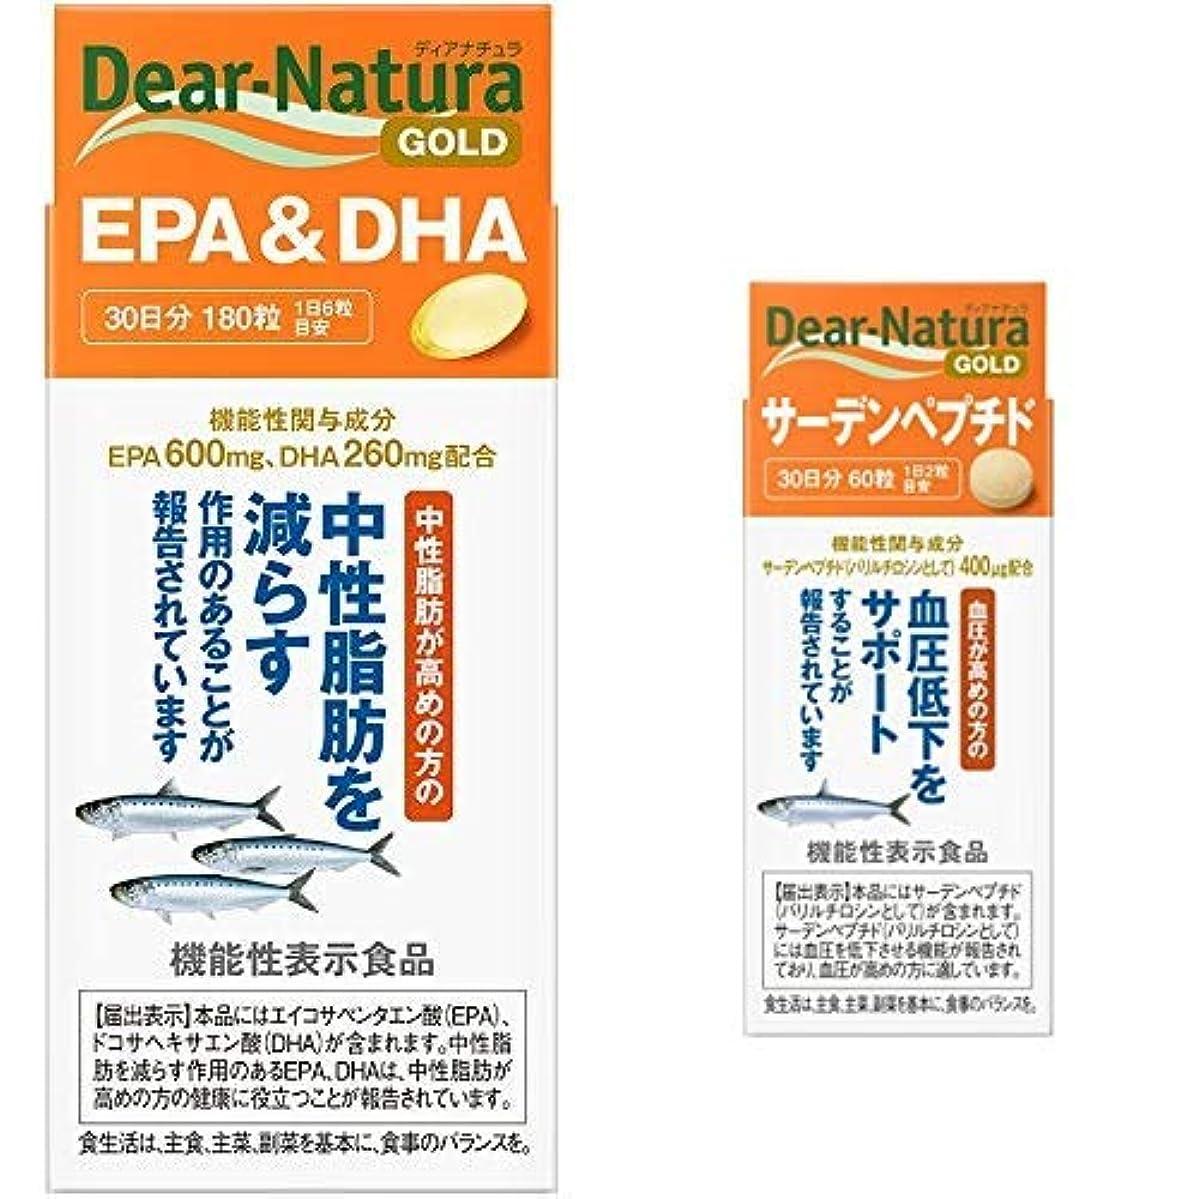 キウイレディ触覚【セット買い】ディアナチュラゴールド EPA&DHA 30日分 [機能性表示食品] & サーデンペプチド 30日分 [機能性表示食品]